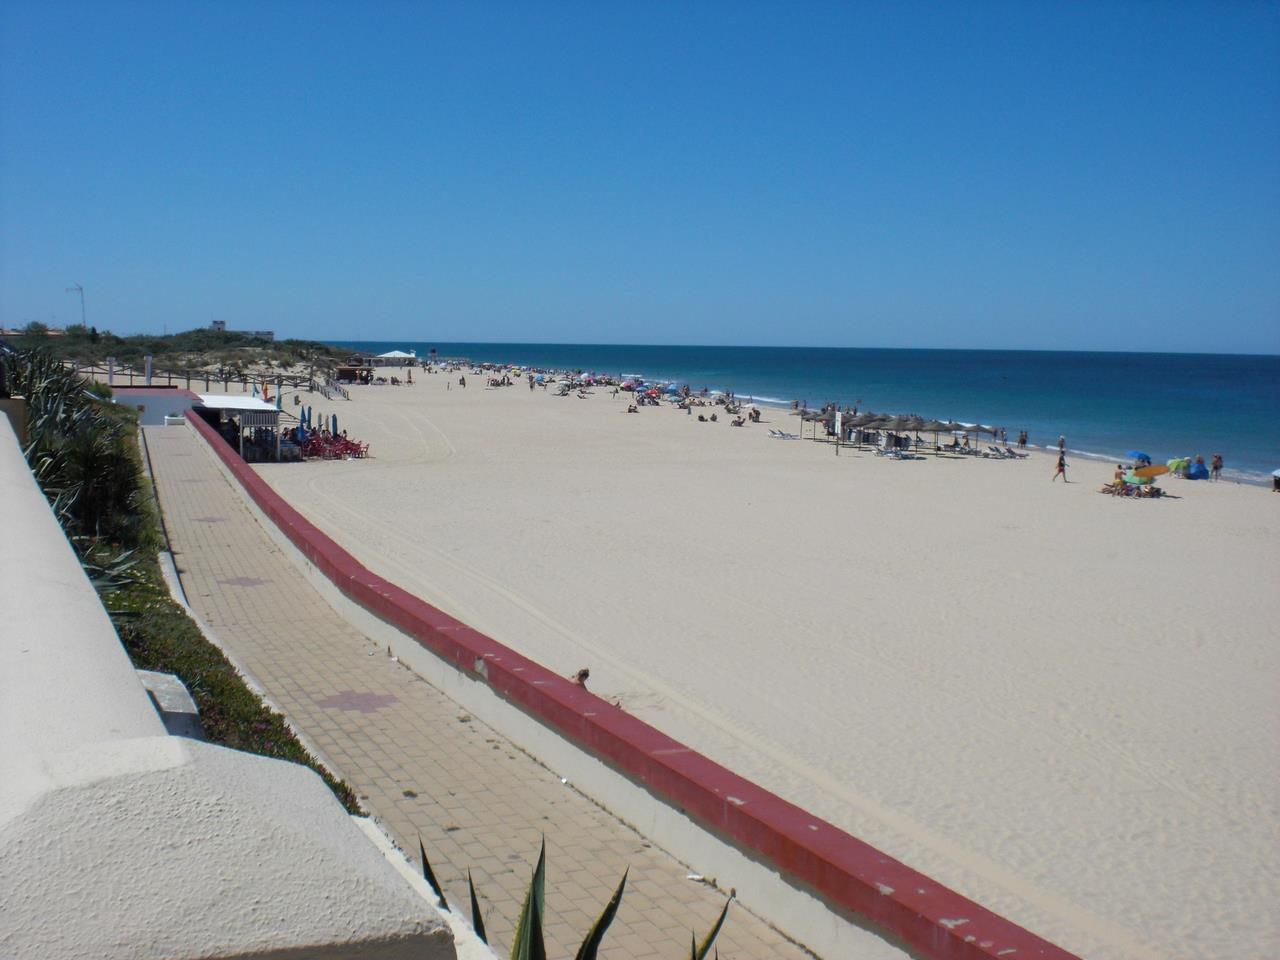 Alquiler vacaciones en Chipiona, Cádiz